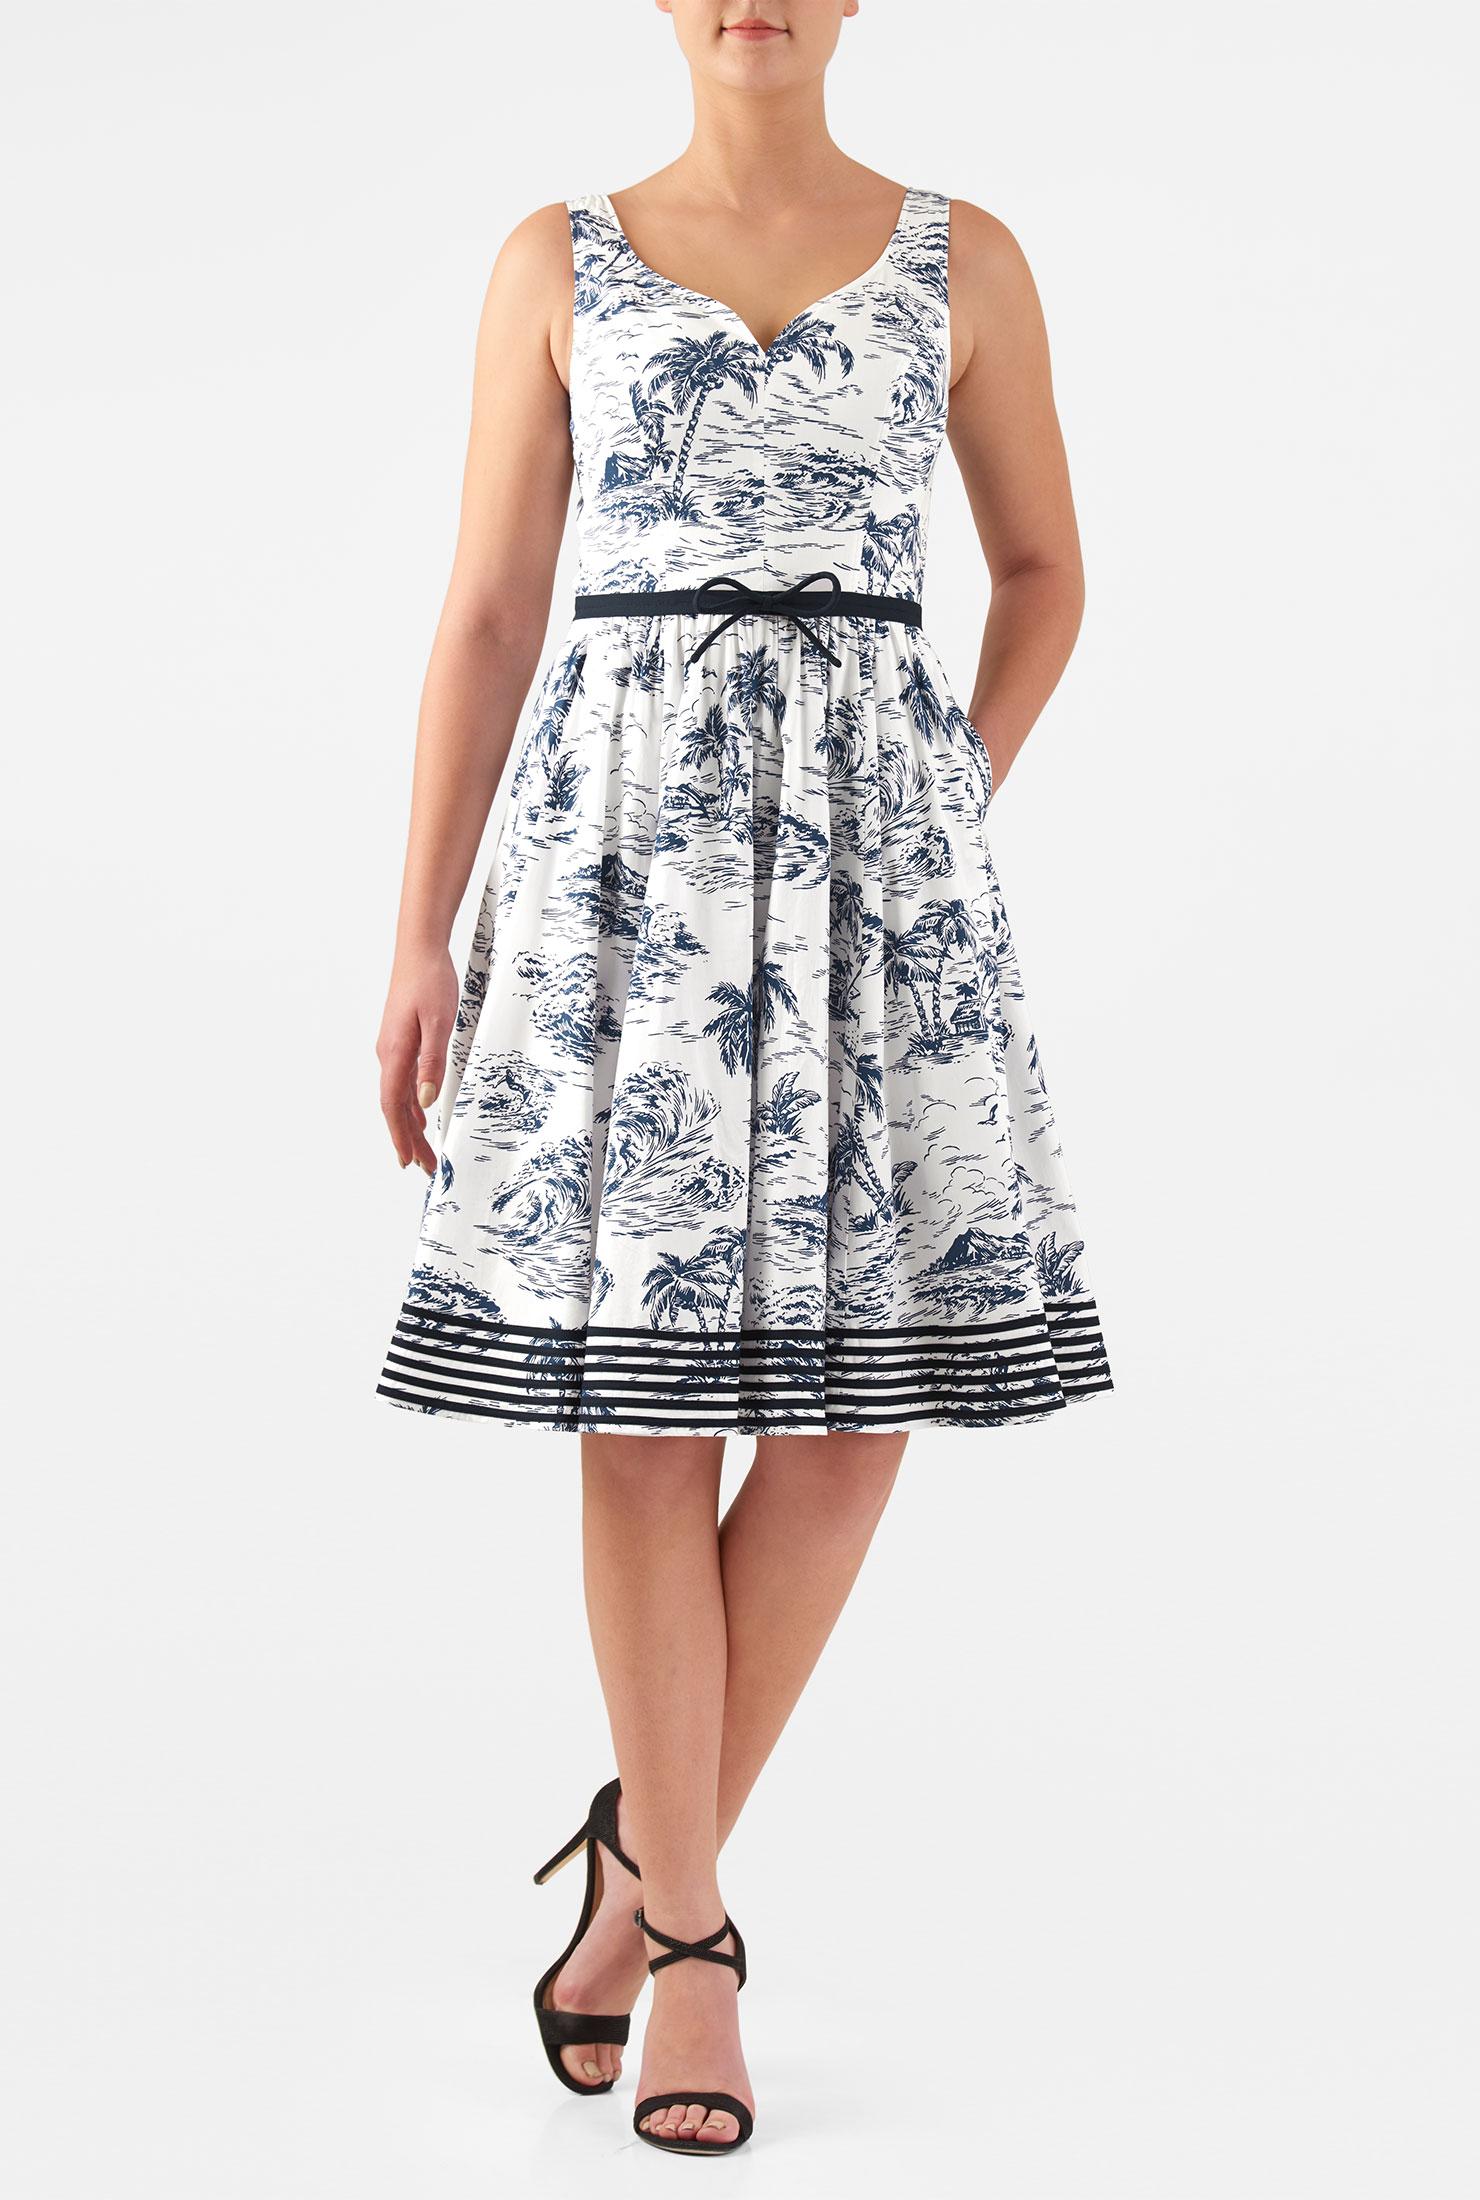 Eshakti Womens Emma Dress